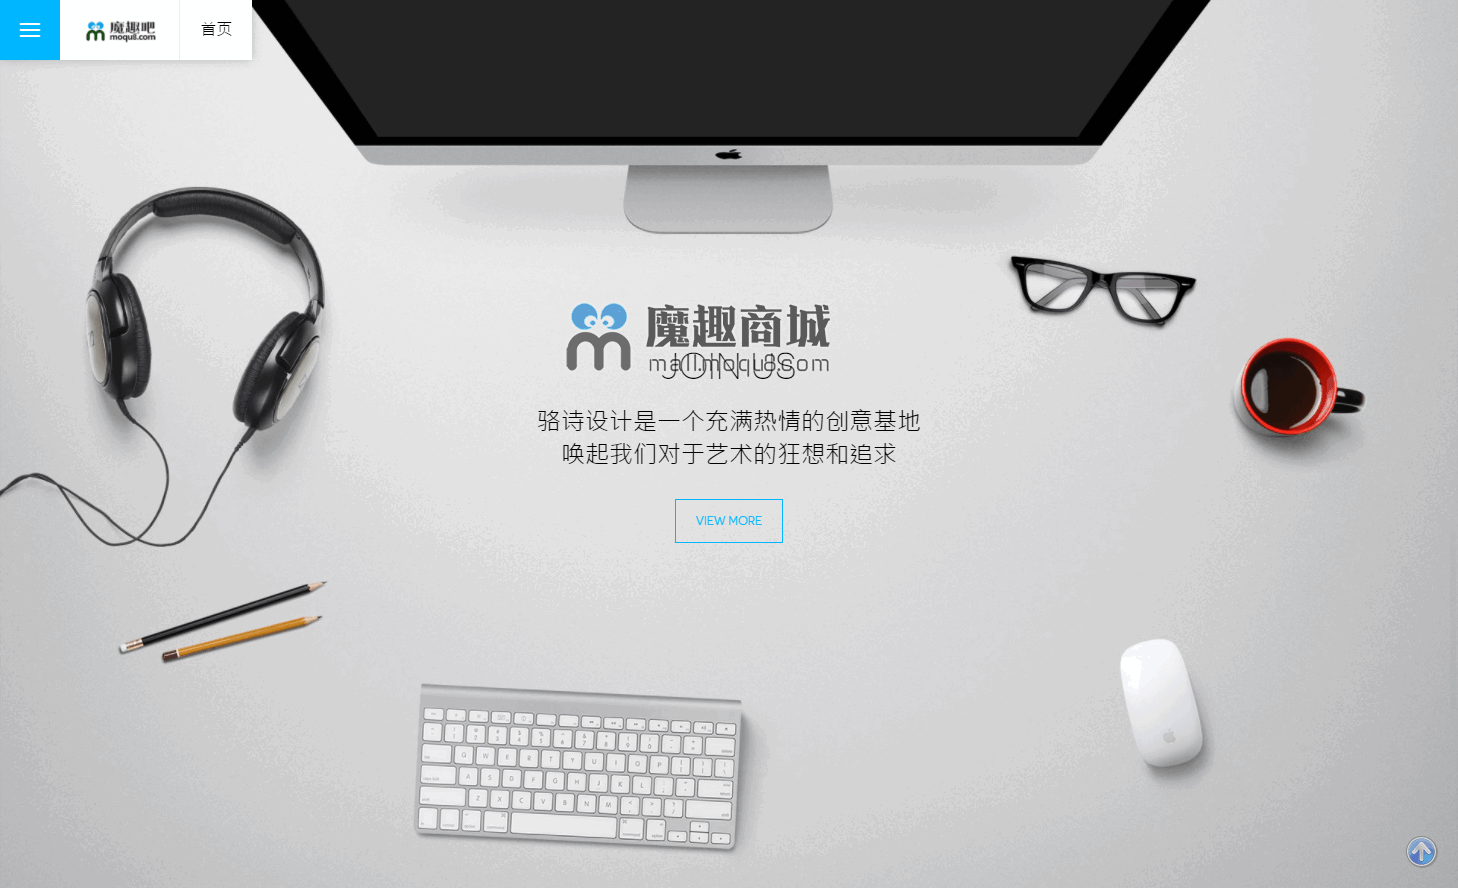 魔趣蓝色响应式企业展示官网模板